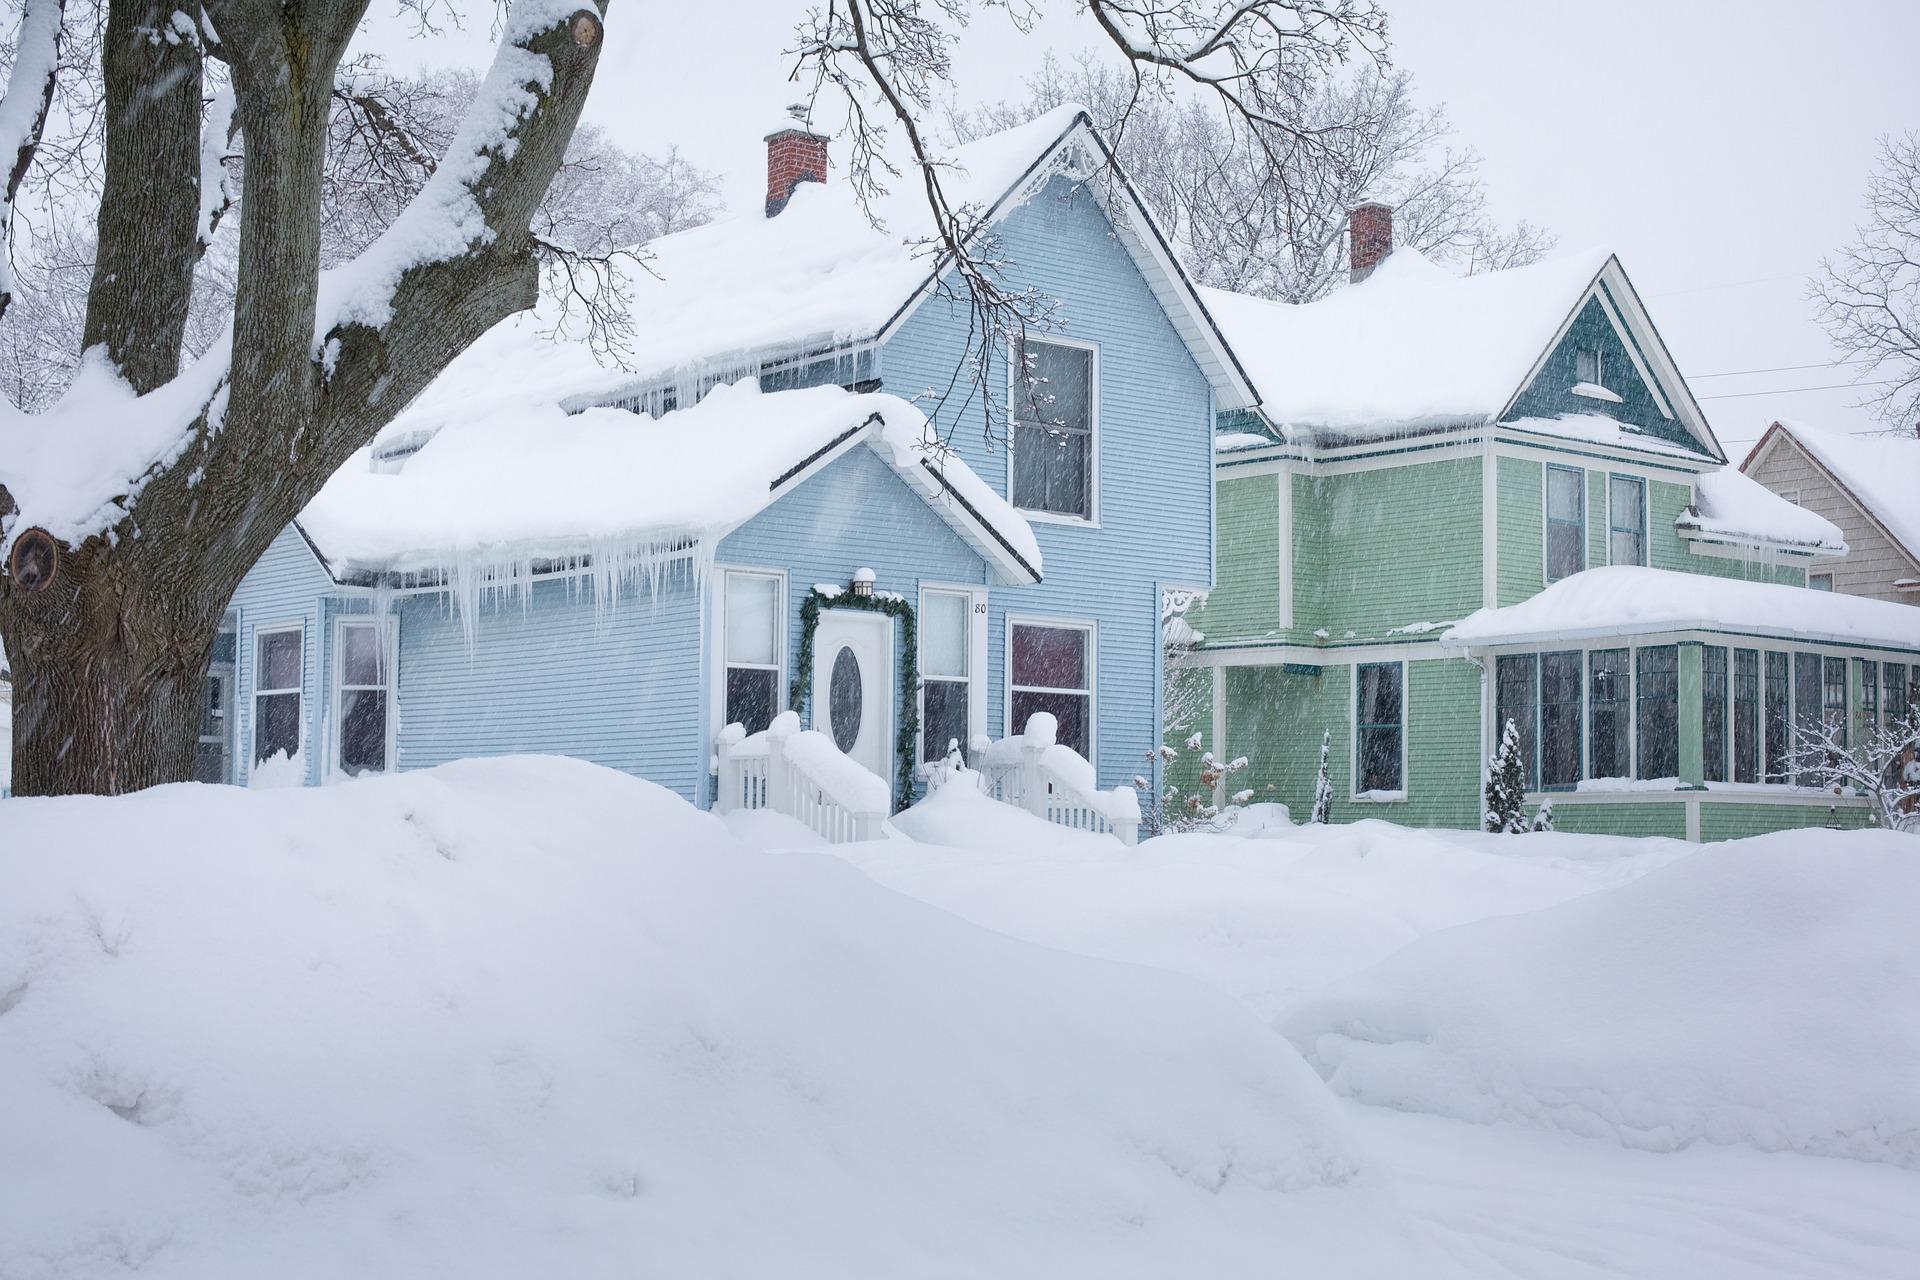 L importance de déneiger sa toiture pendant l hiver 96112da6a6c